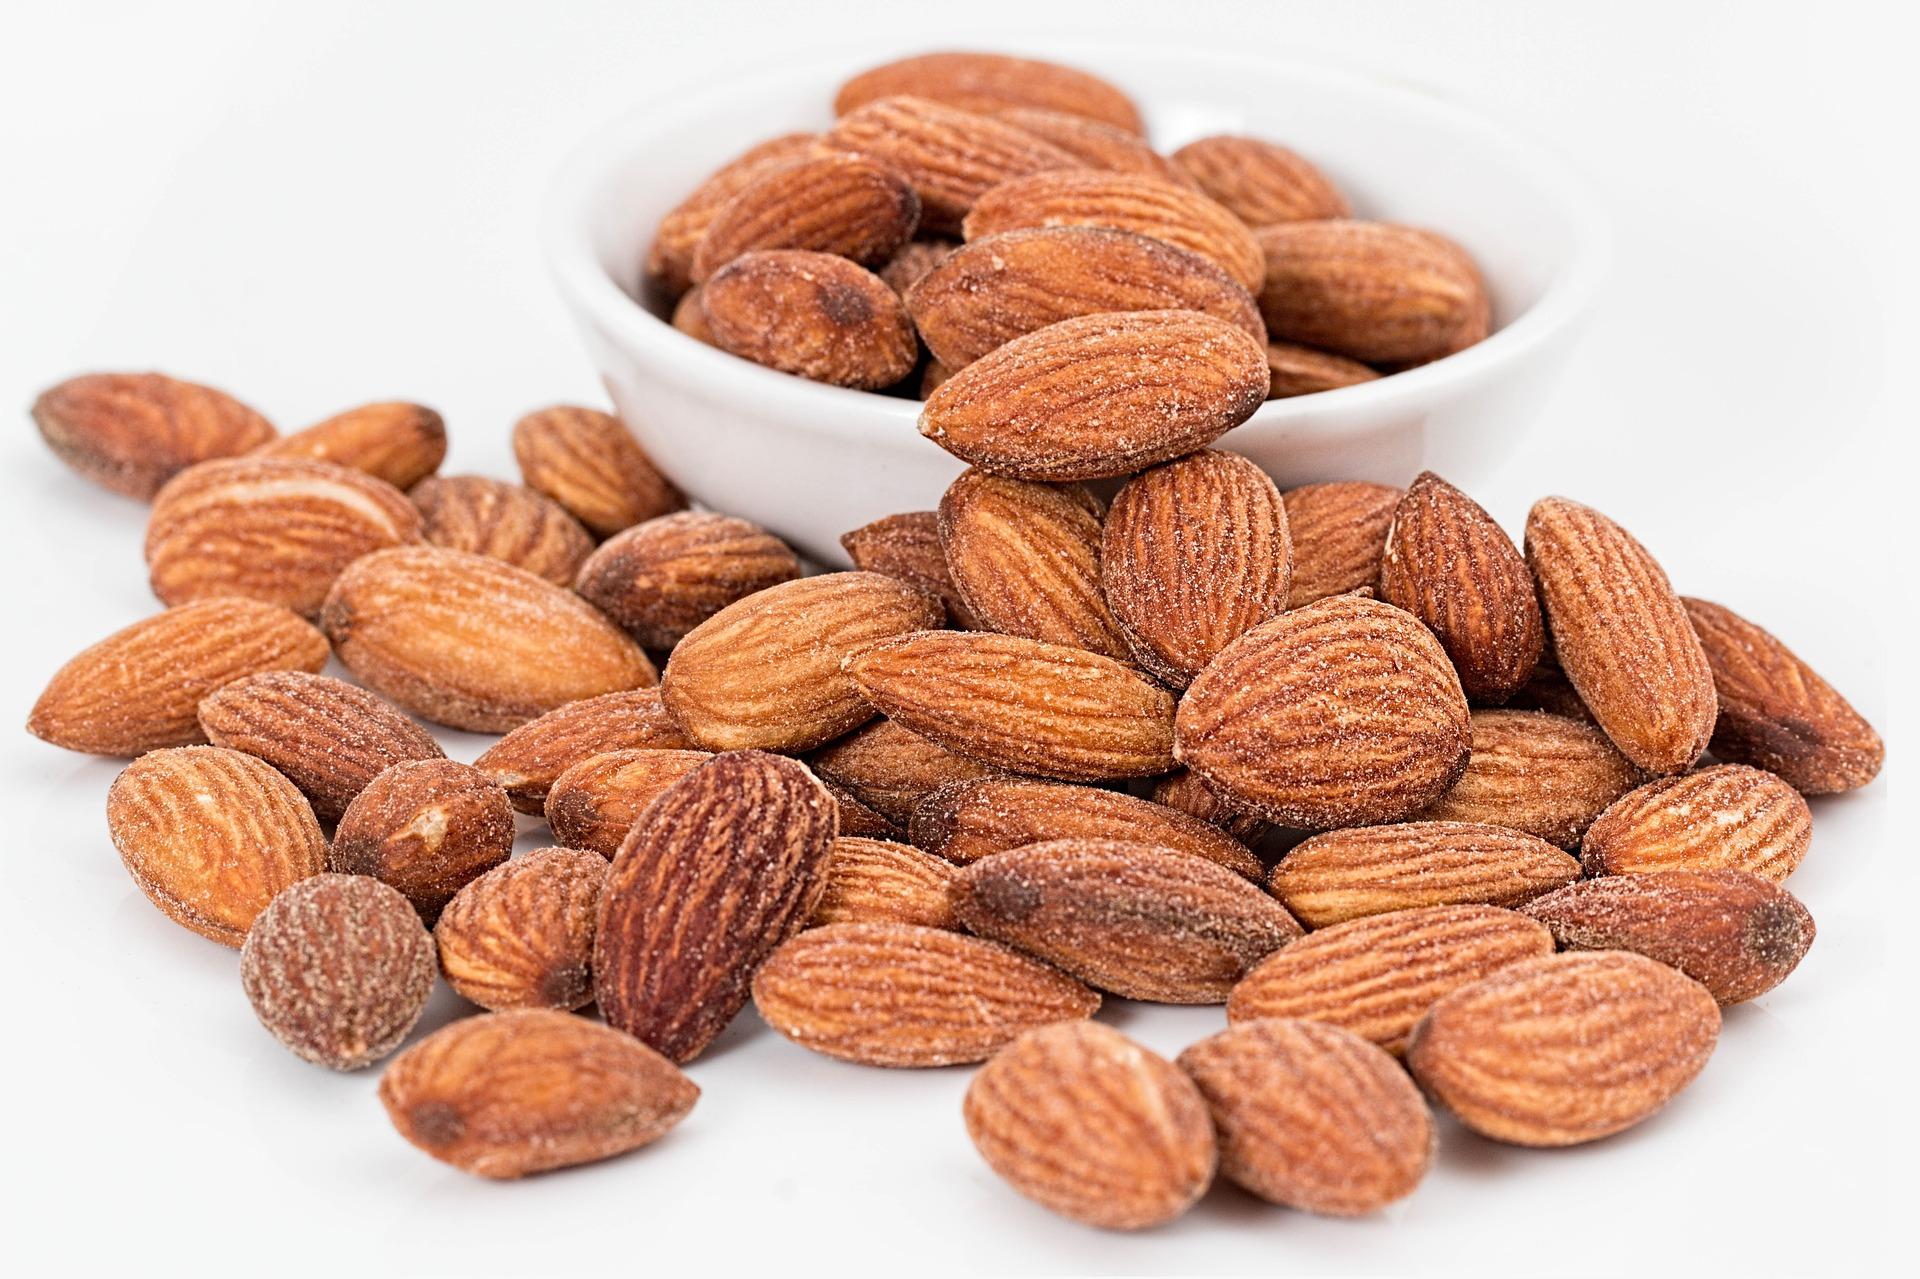 Conheça 10 alimentos que são ricos em vitamina E